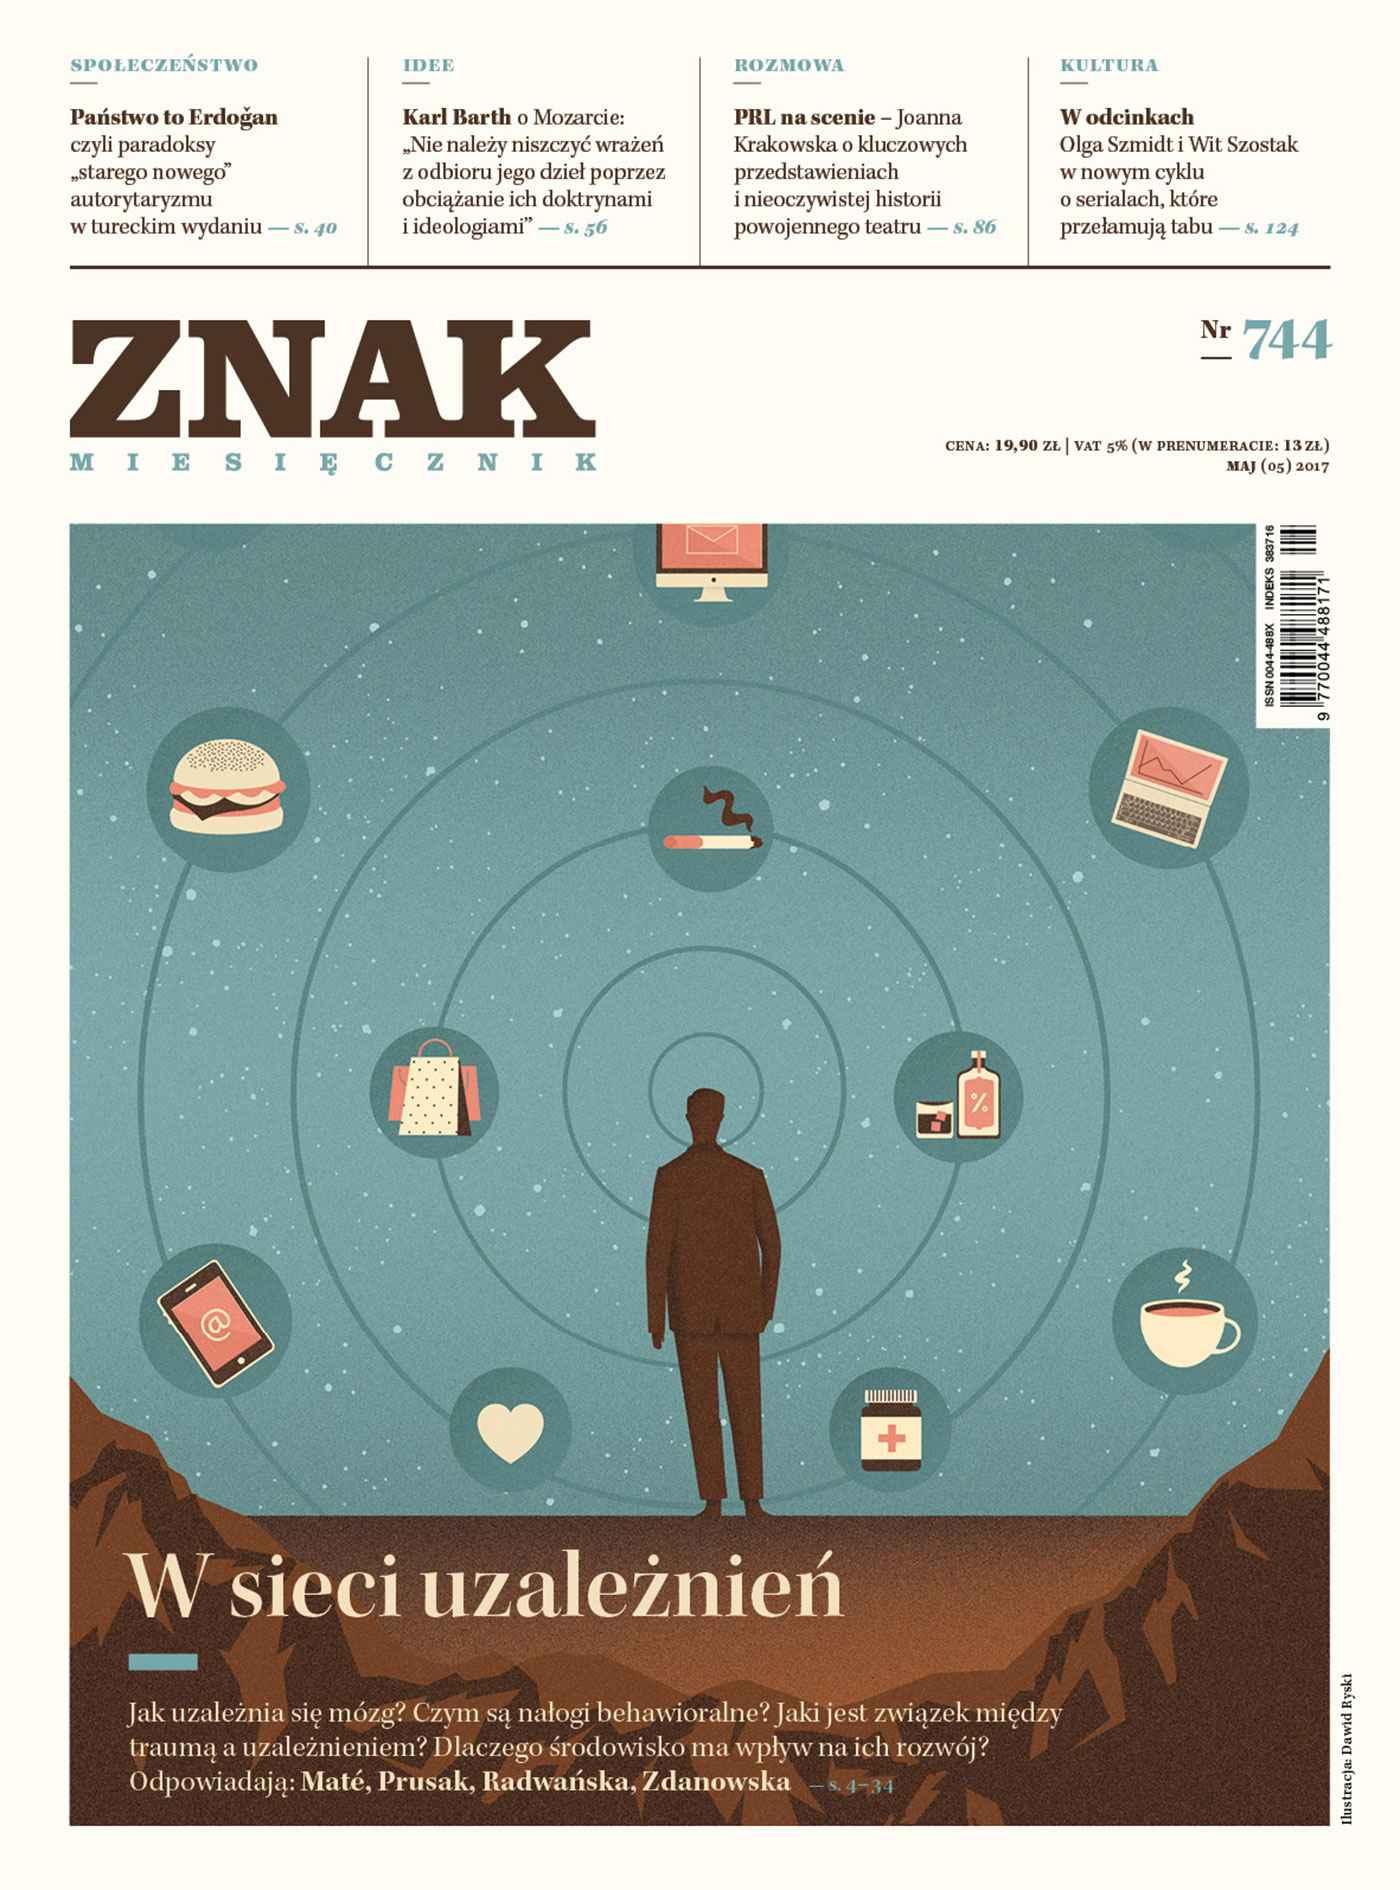 Miesięcznik Znak nr 744: W sieci uzależnień - Ebook (Książka EPUB) do pobrania w formacie EPUB